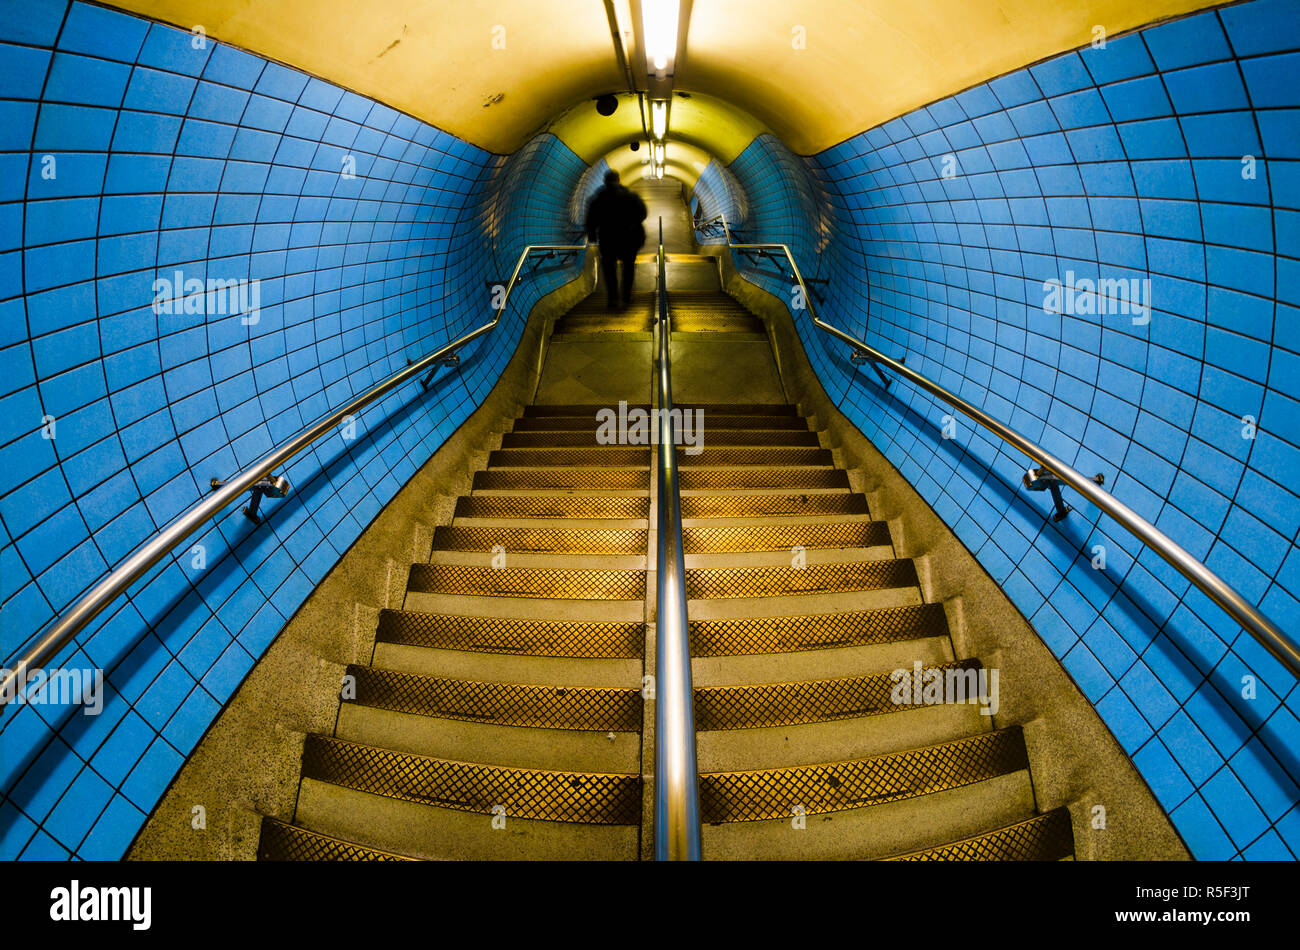 UK, England, London, Embankment Underground Station - Stock Image